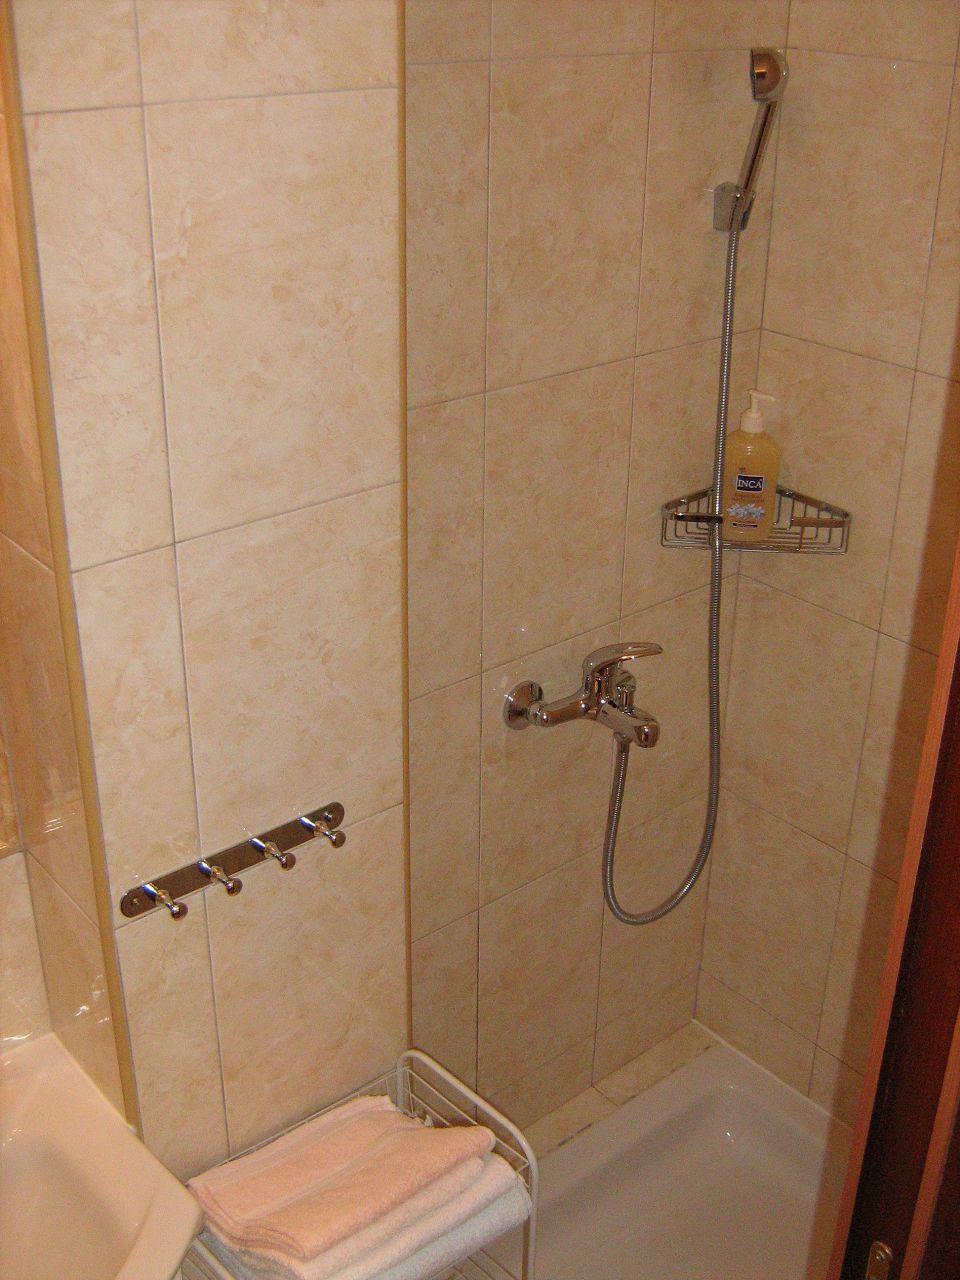 00209PISA  - Pisak - Ferienwohnungen Kroatien - A4 (2+2): Badezimmer mit Toilette